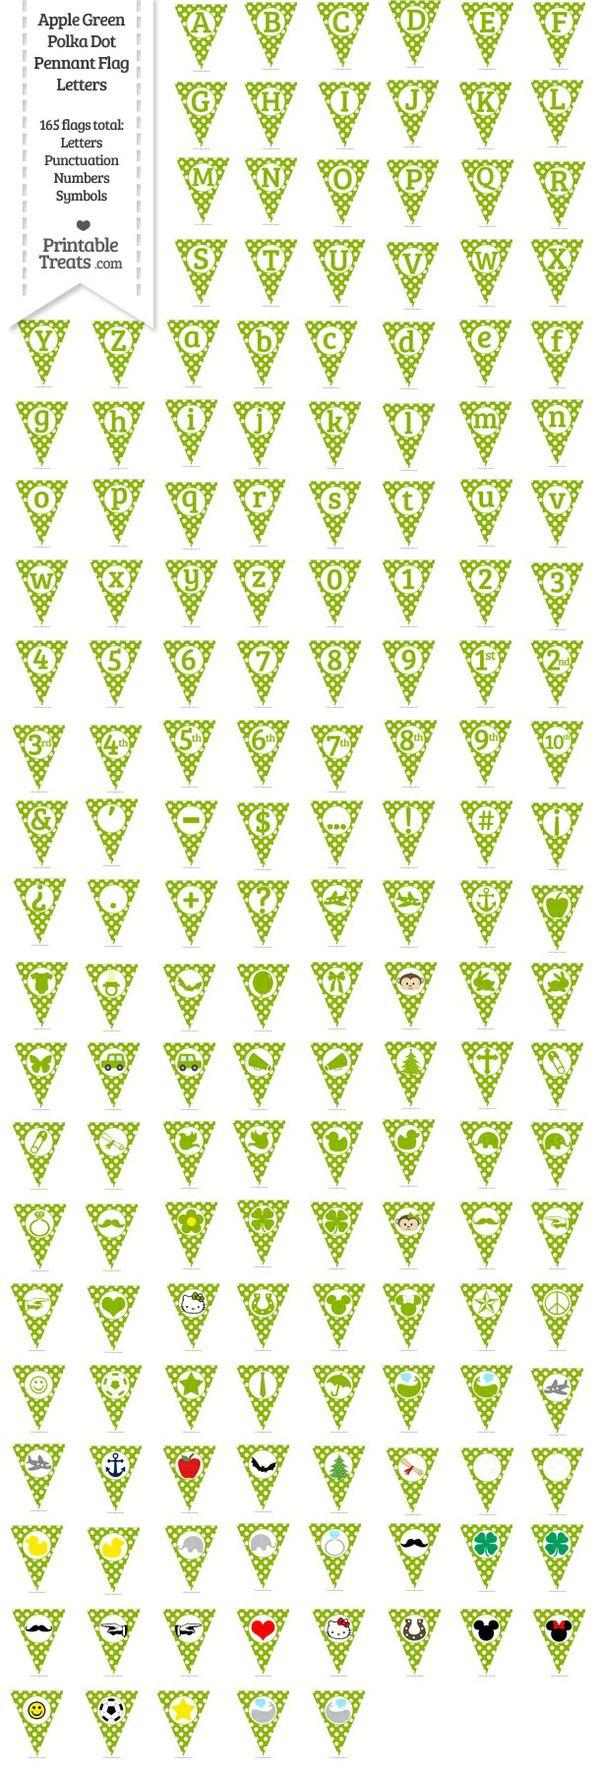 165 Apple Green Polka Dot Pennant Flag Letters Password